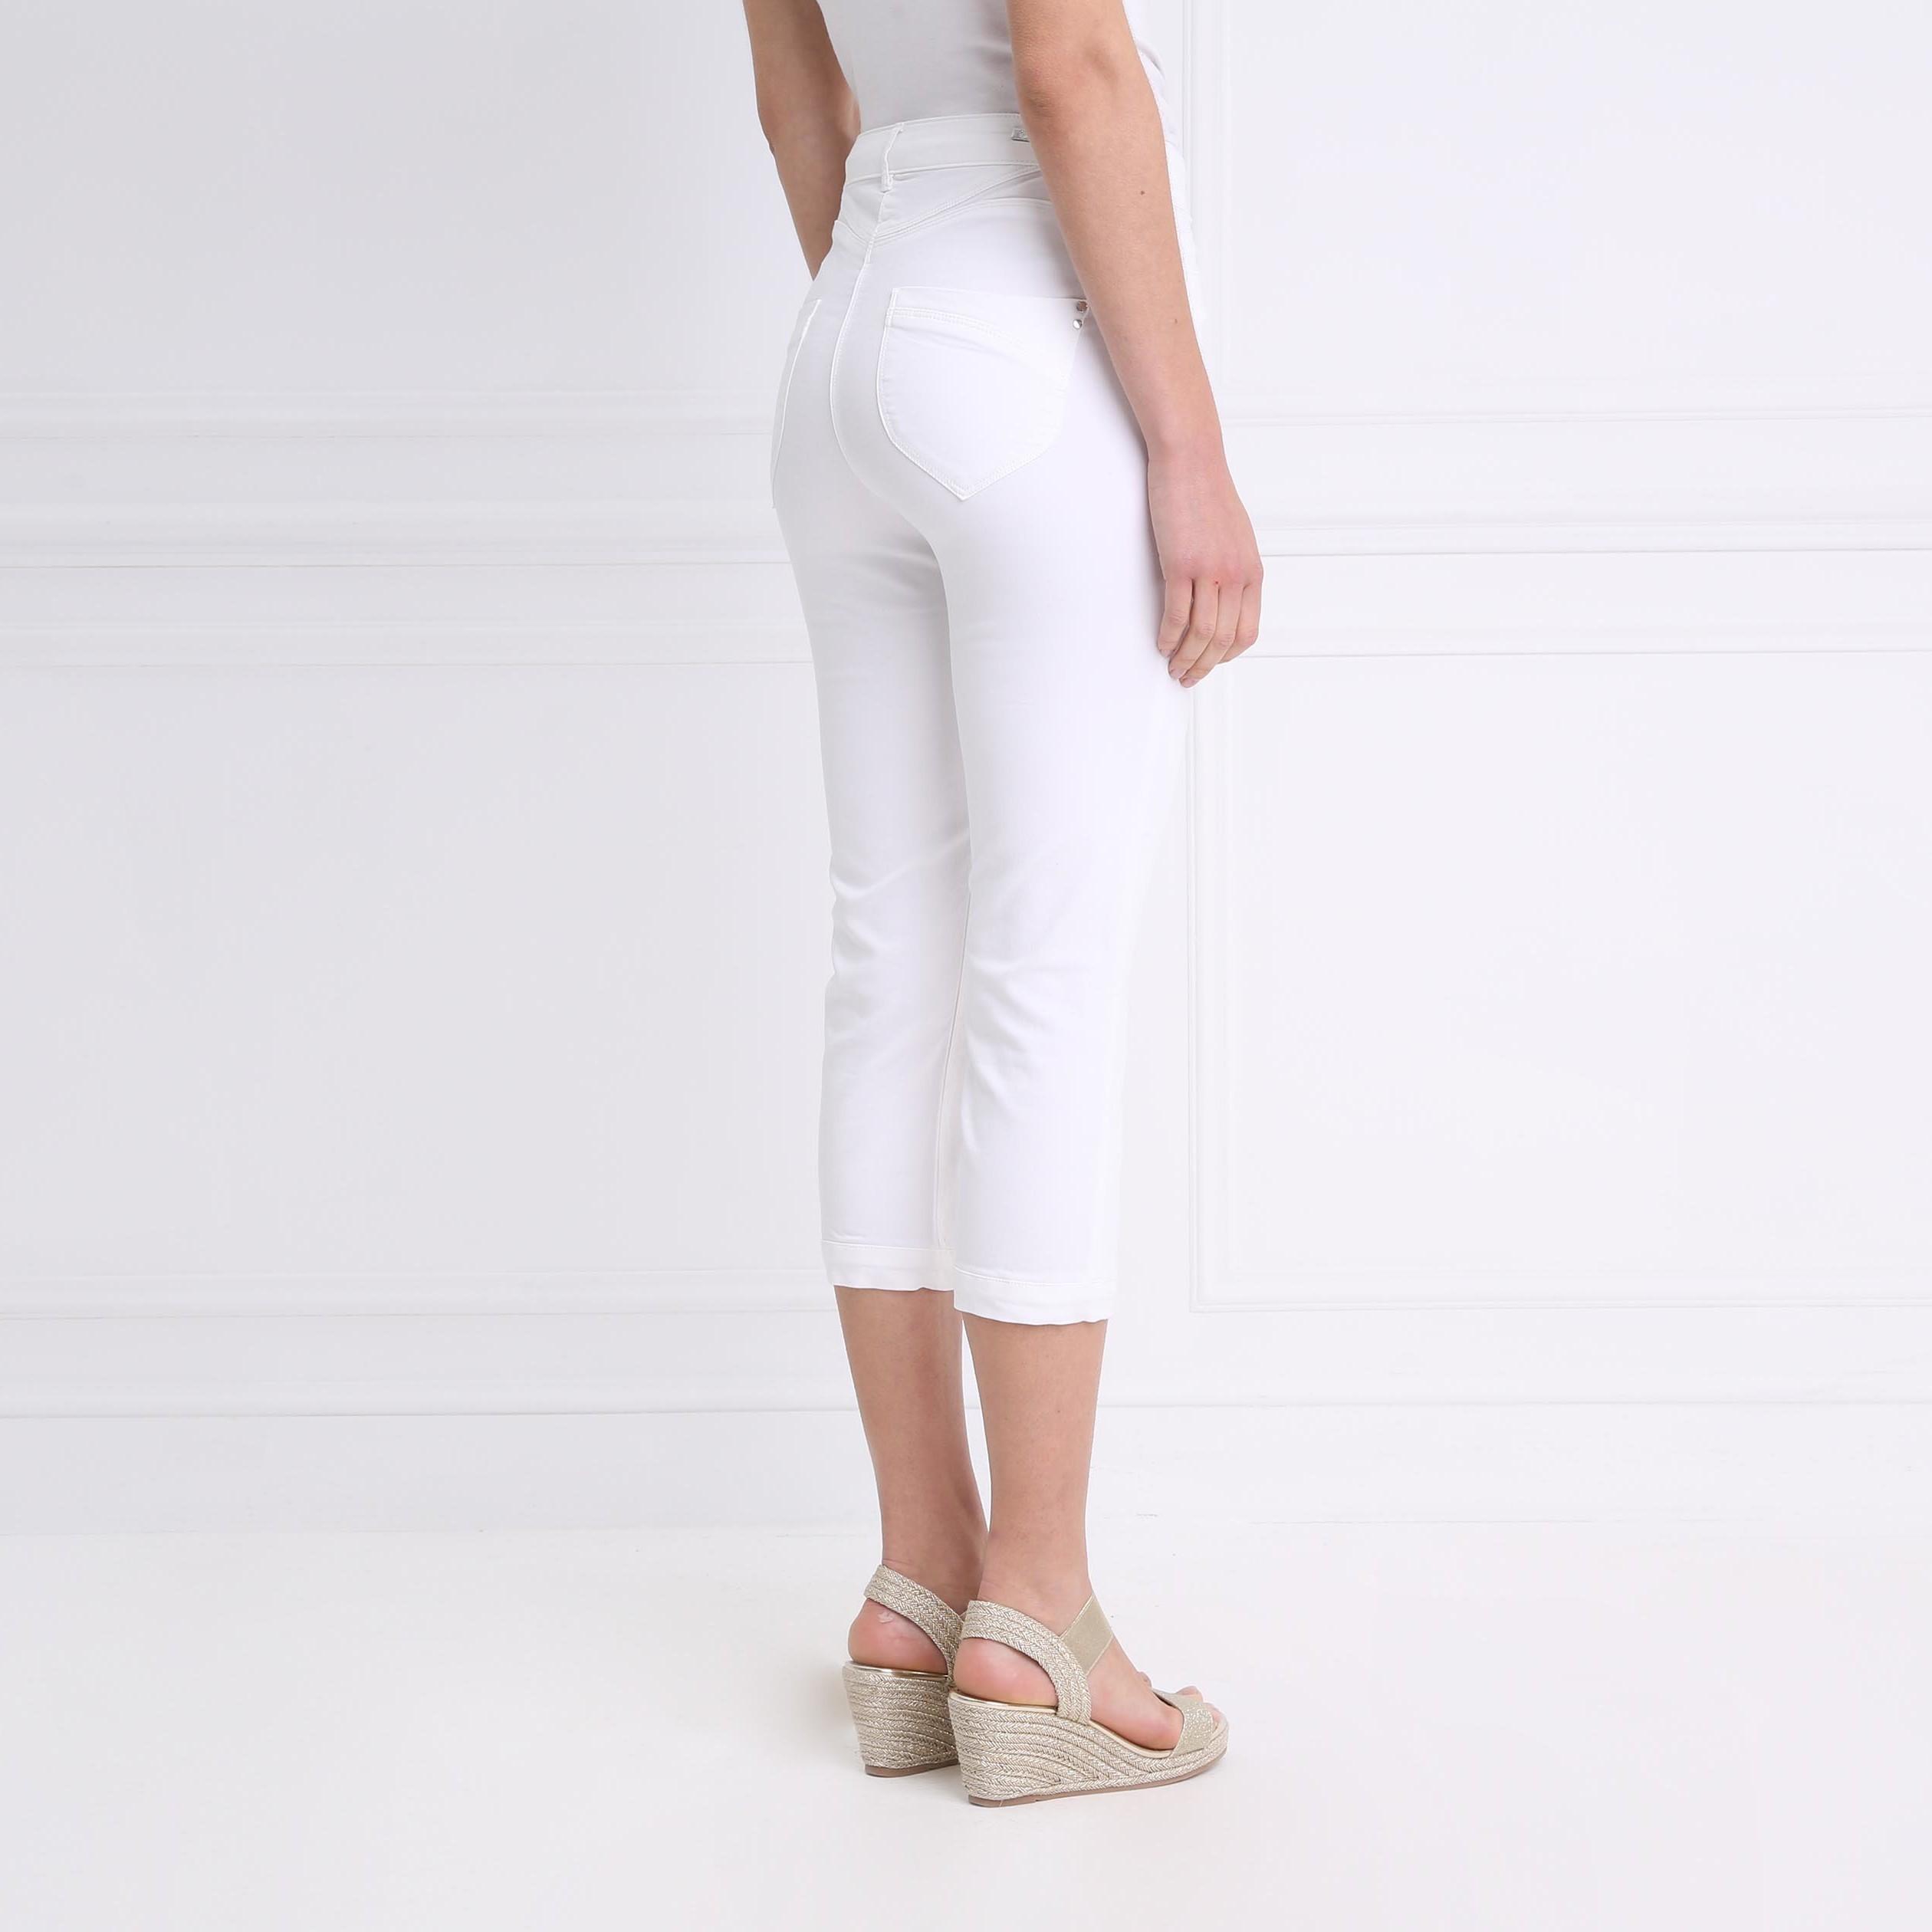 Recherche pantacourt femme taille 38 couleur blanc [PUNIQRANDLINE-(au-dating-names.txt) 59